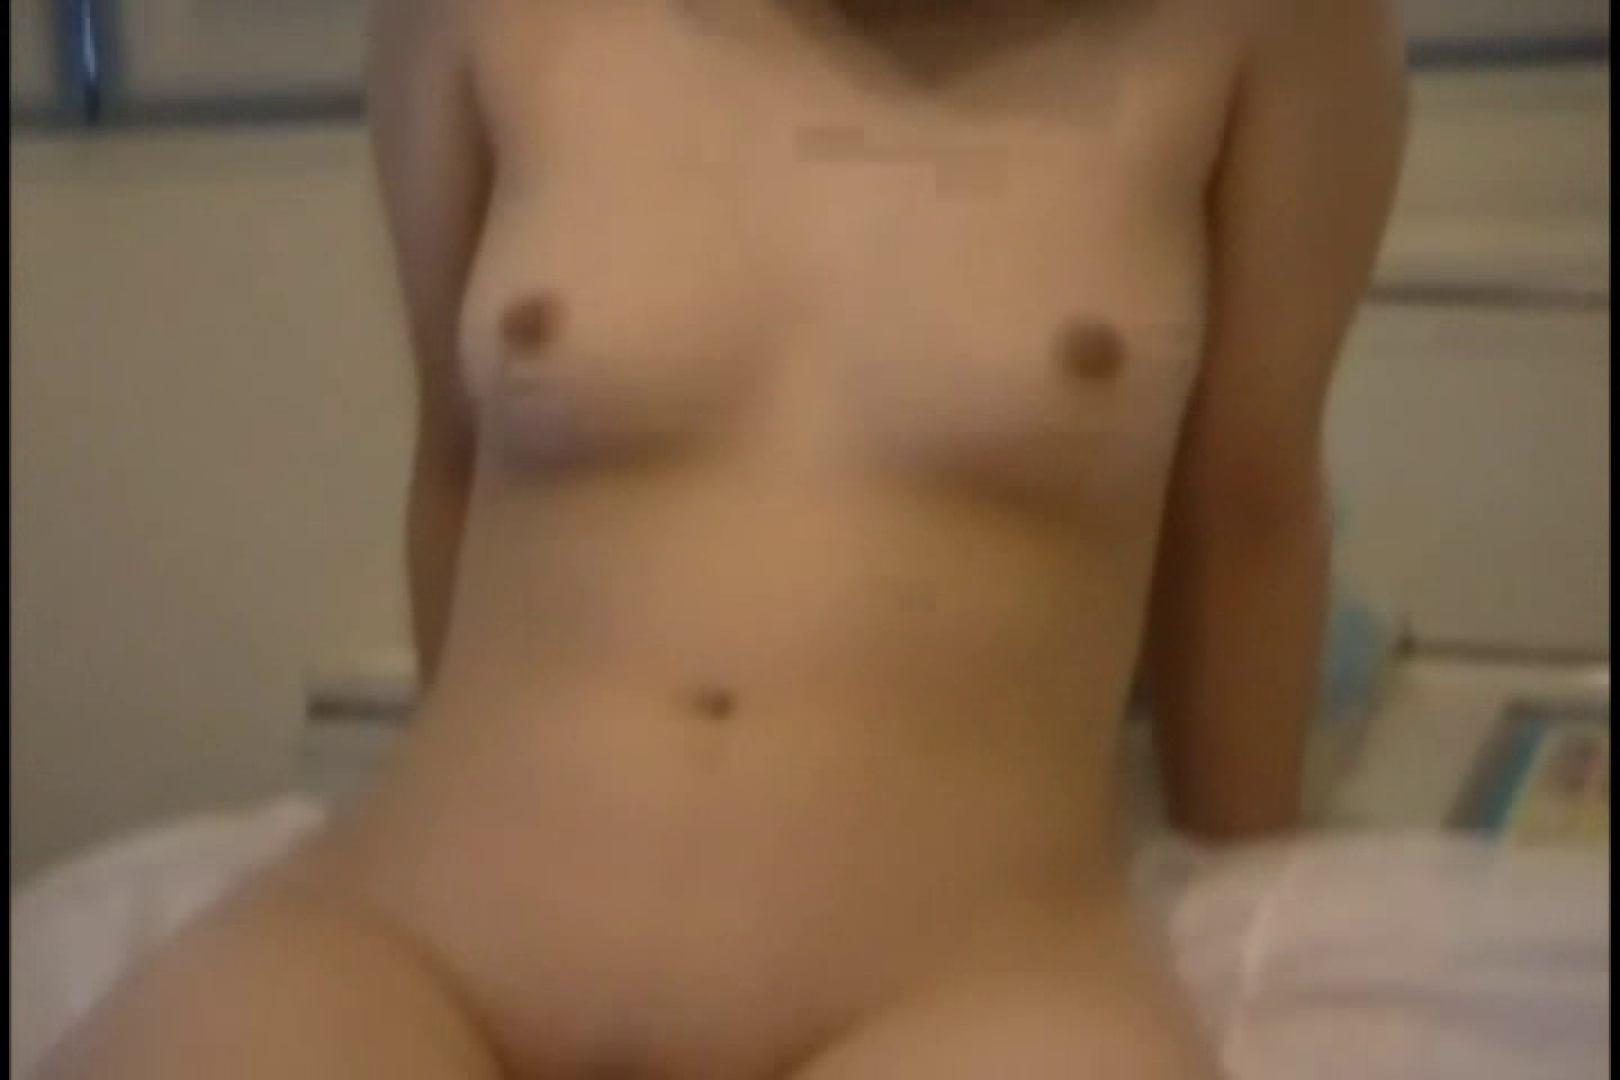 ウイルス流出 Sachiのアルバム マンコ特集 | ホテル  100連発 28